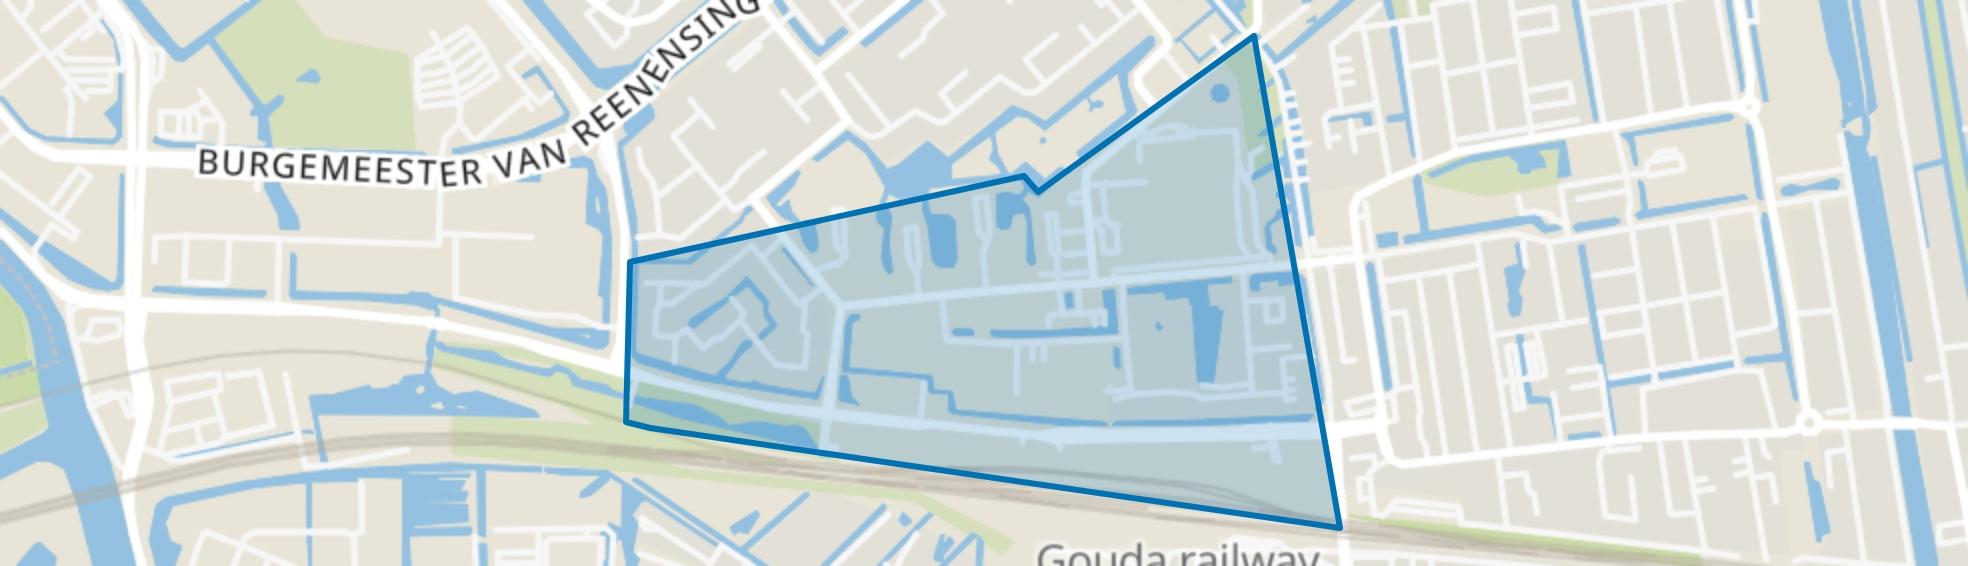 Boerhaavekwartier, Gouda map